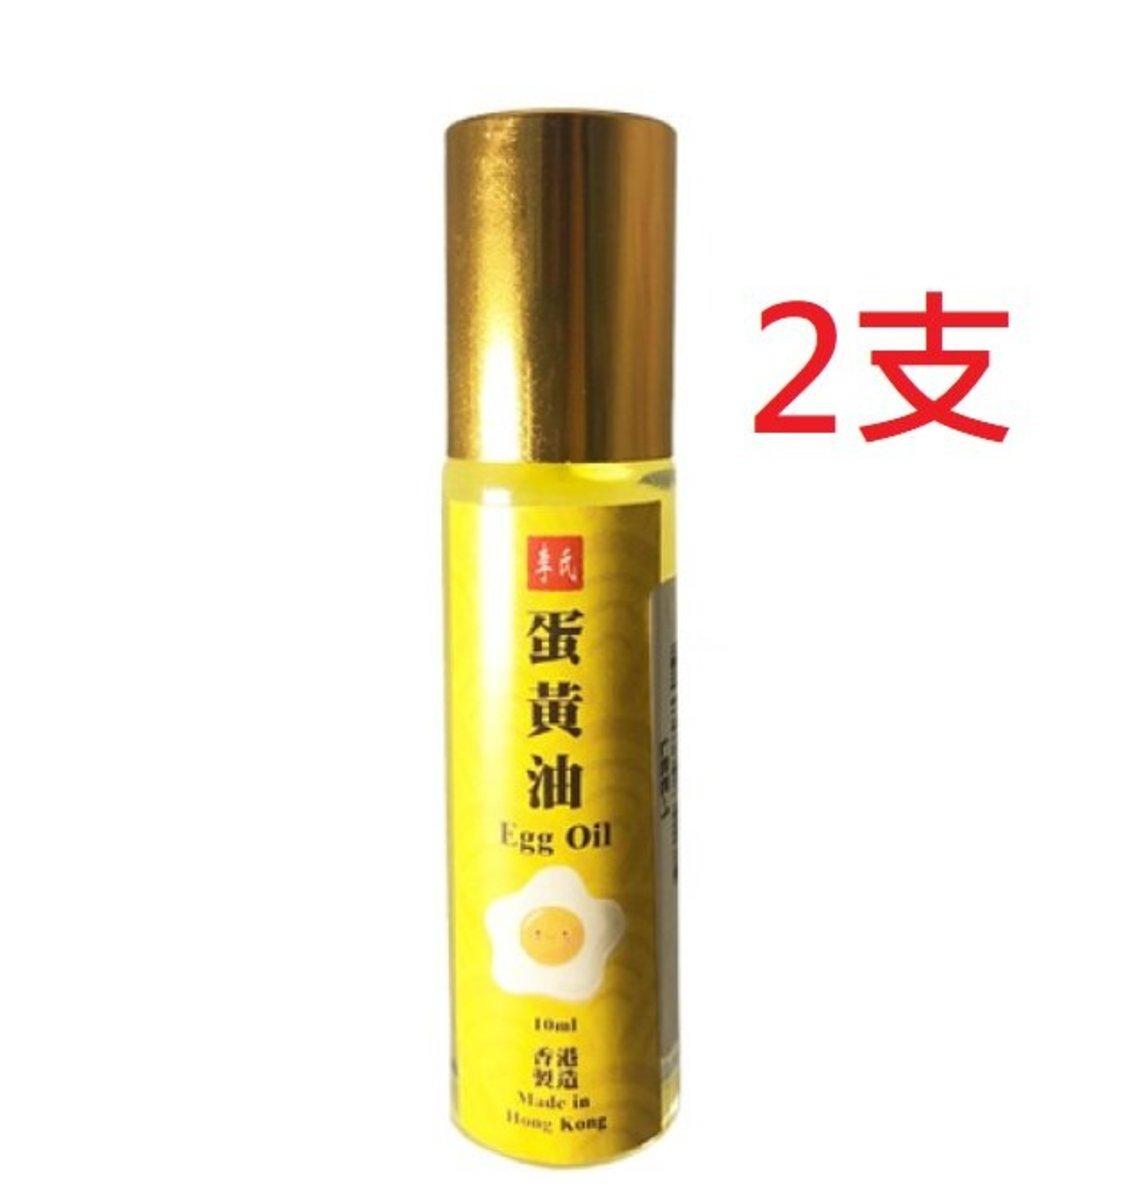 EGG OIL 10ml - 2PCS